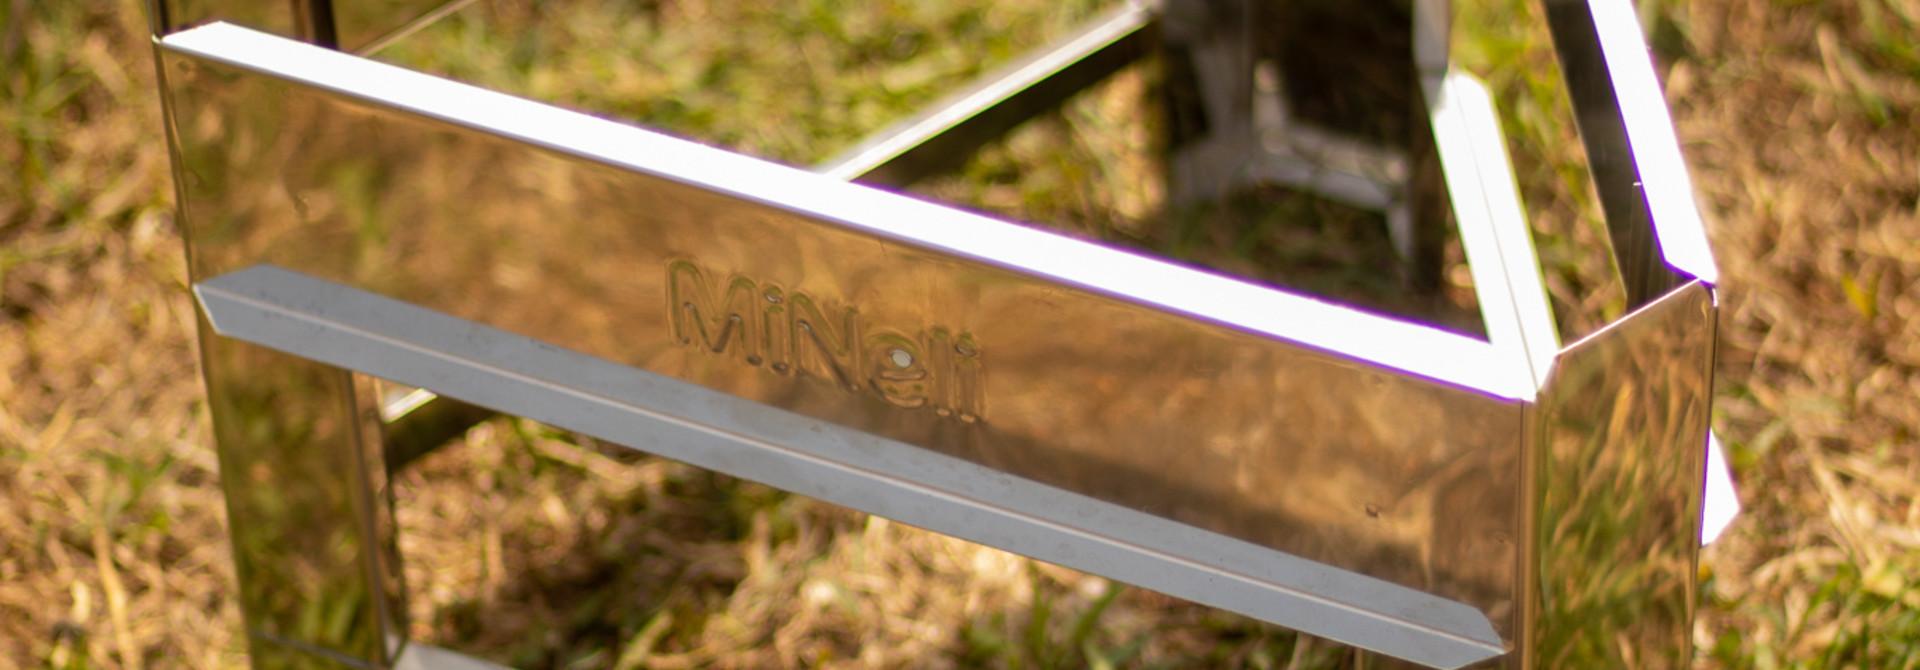 Apini - Inox stand voor rijper 50kg